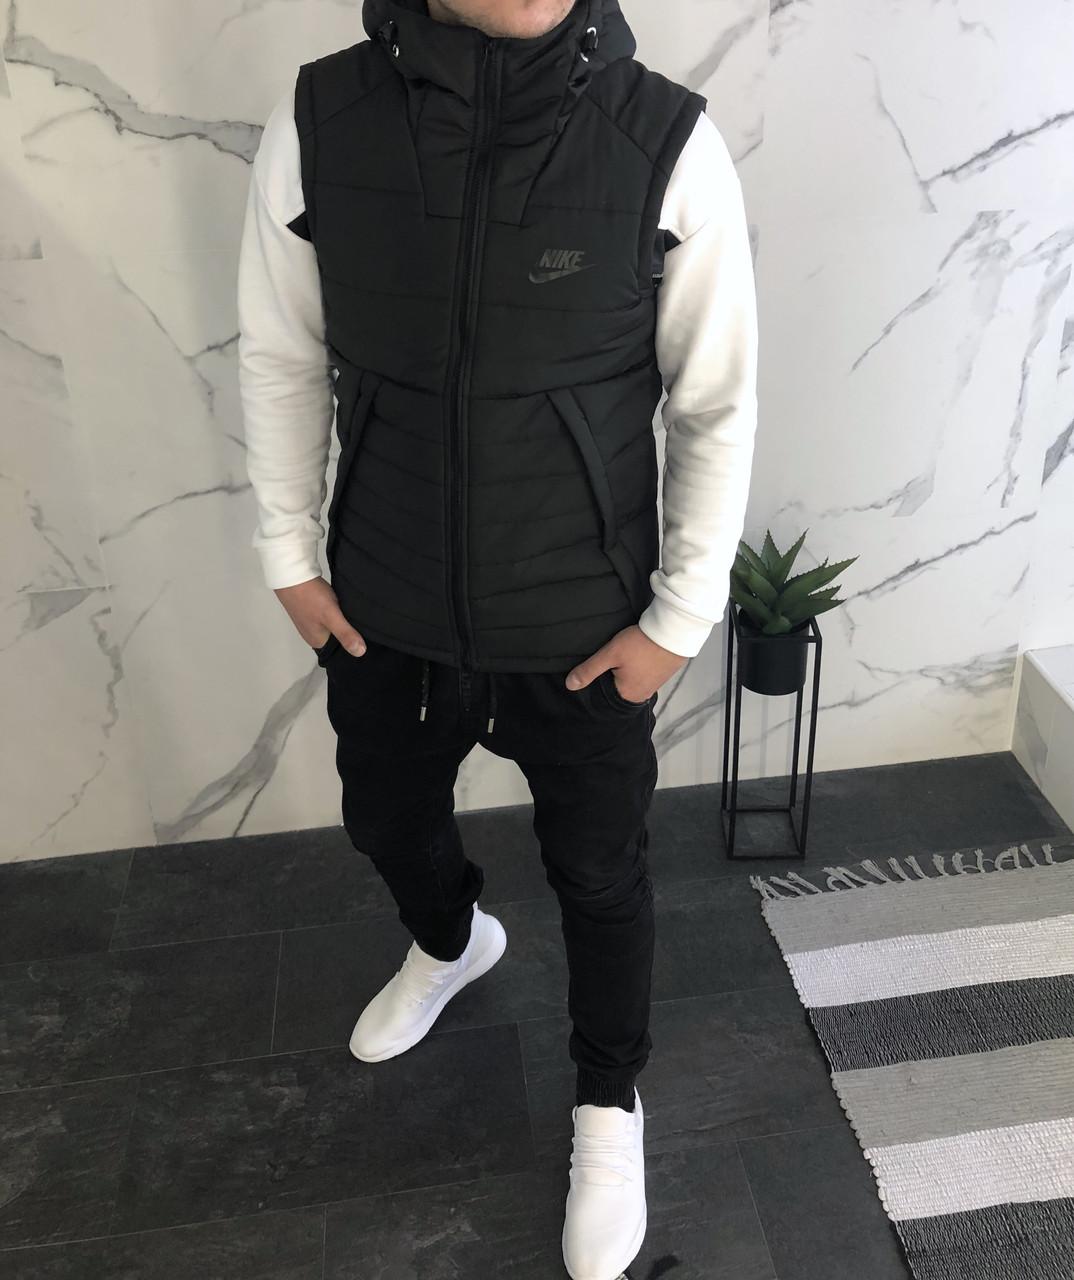 Мужская жилетка Nike чёрная